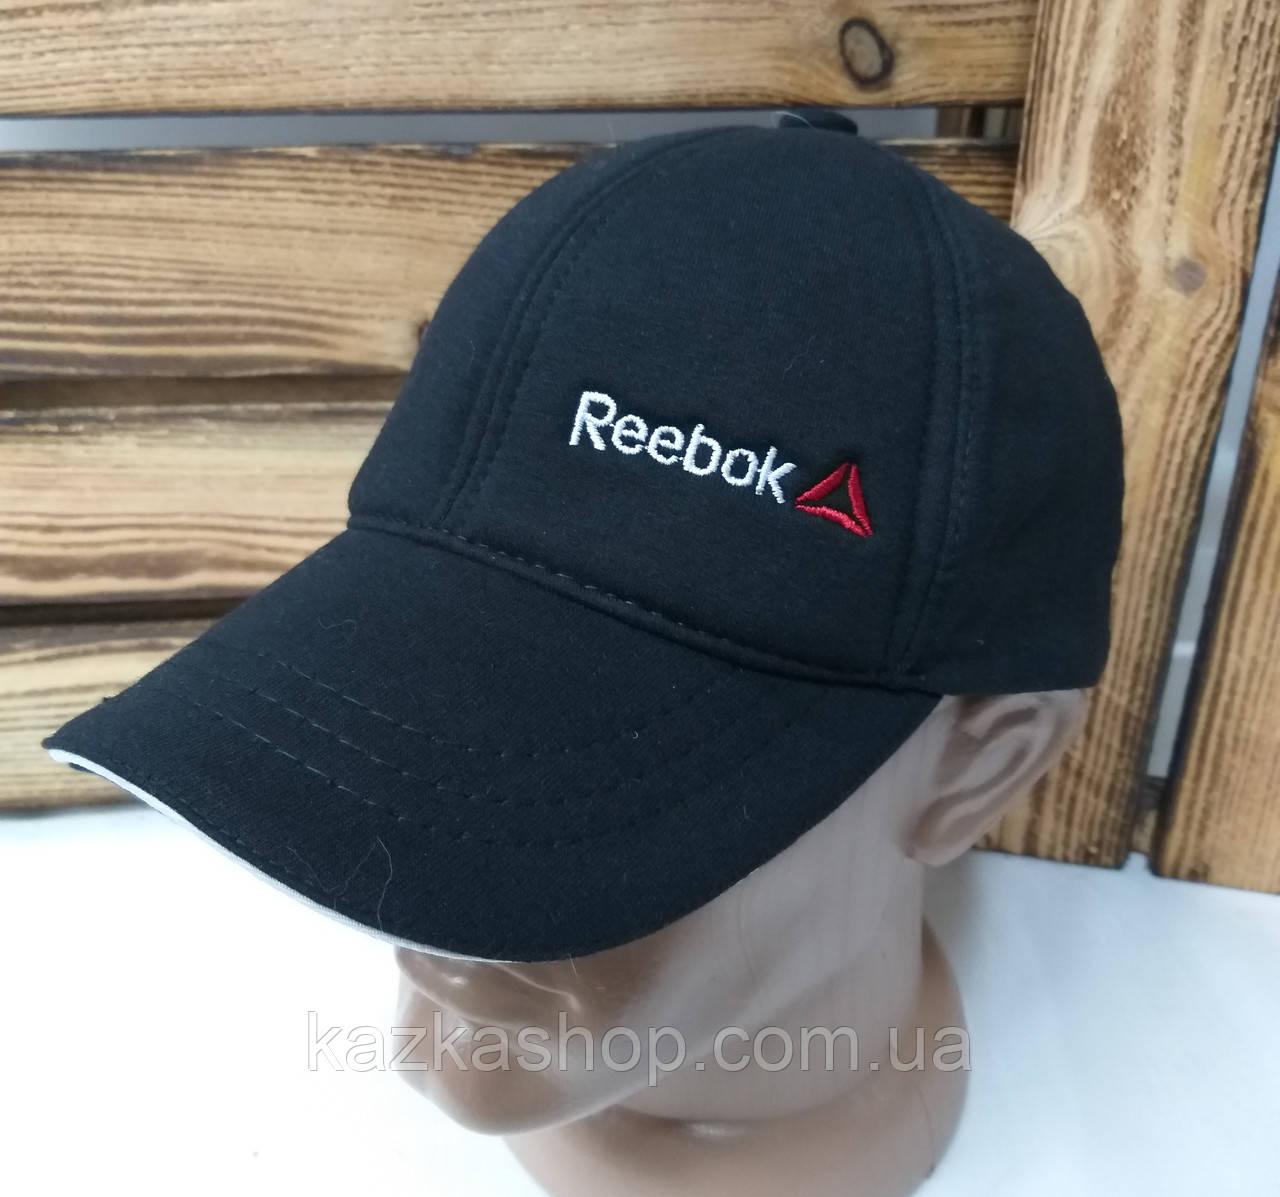 Мужская кепка черного цвета, с вышивкой в стиле Reebok (реплика), малая вышивка, трикотаж, на регуляторе